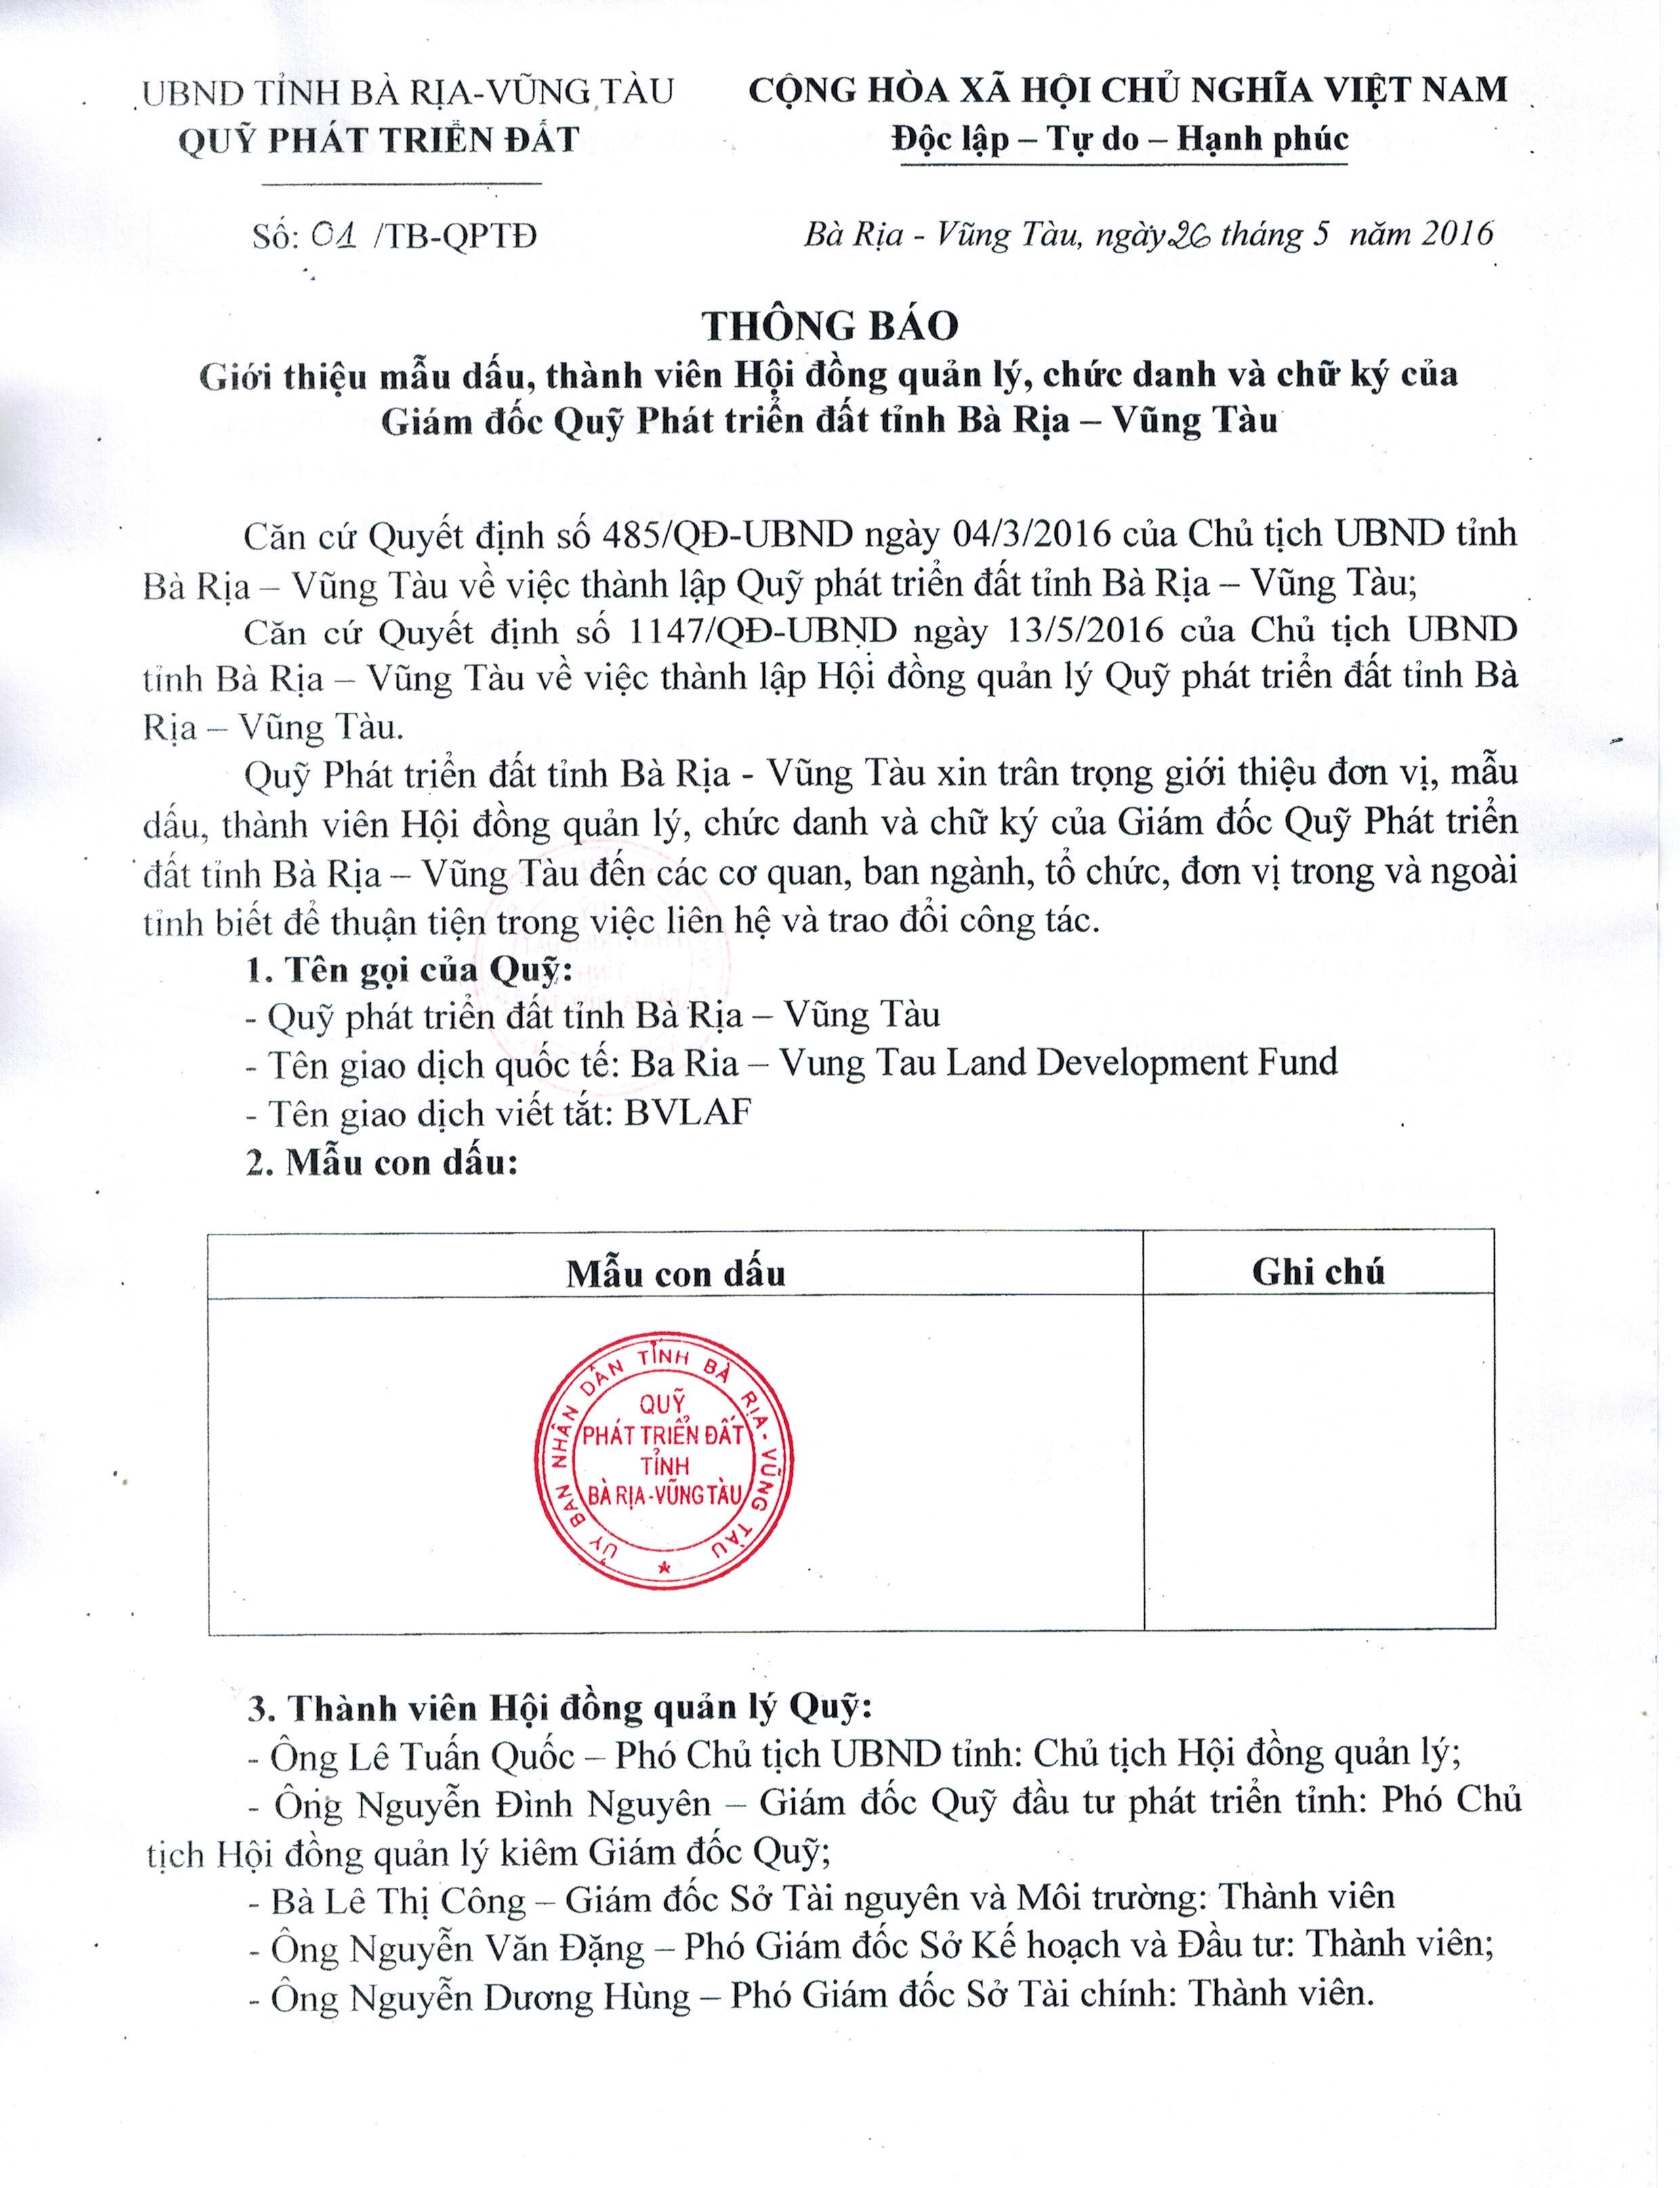 THÔNG BÁO Giới thiệu mẫu dấu, thành viên Hội đồng quản lý, chức danh và chữ ký của Giám đốc Quỹ Phát triển đất tỉnh Bà Rịa – Vũng Tàu